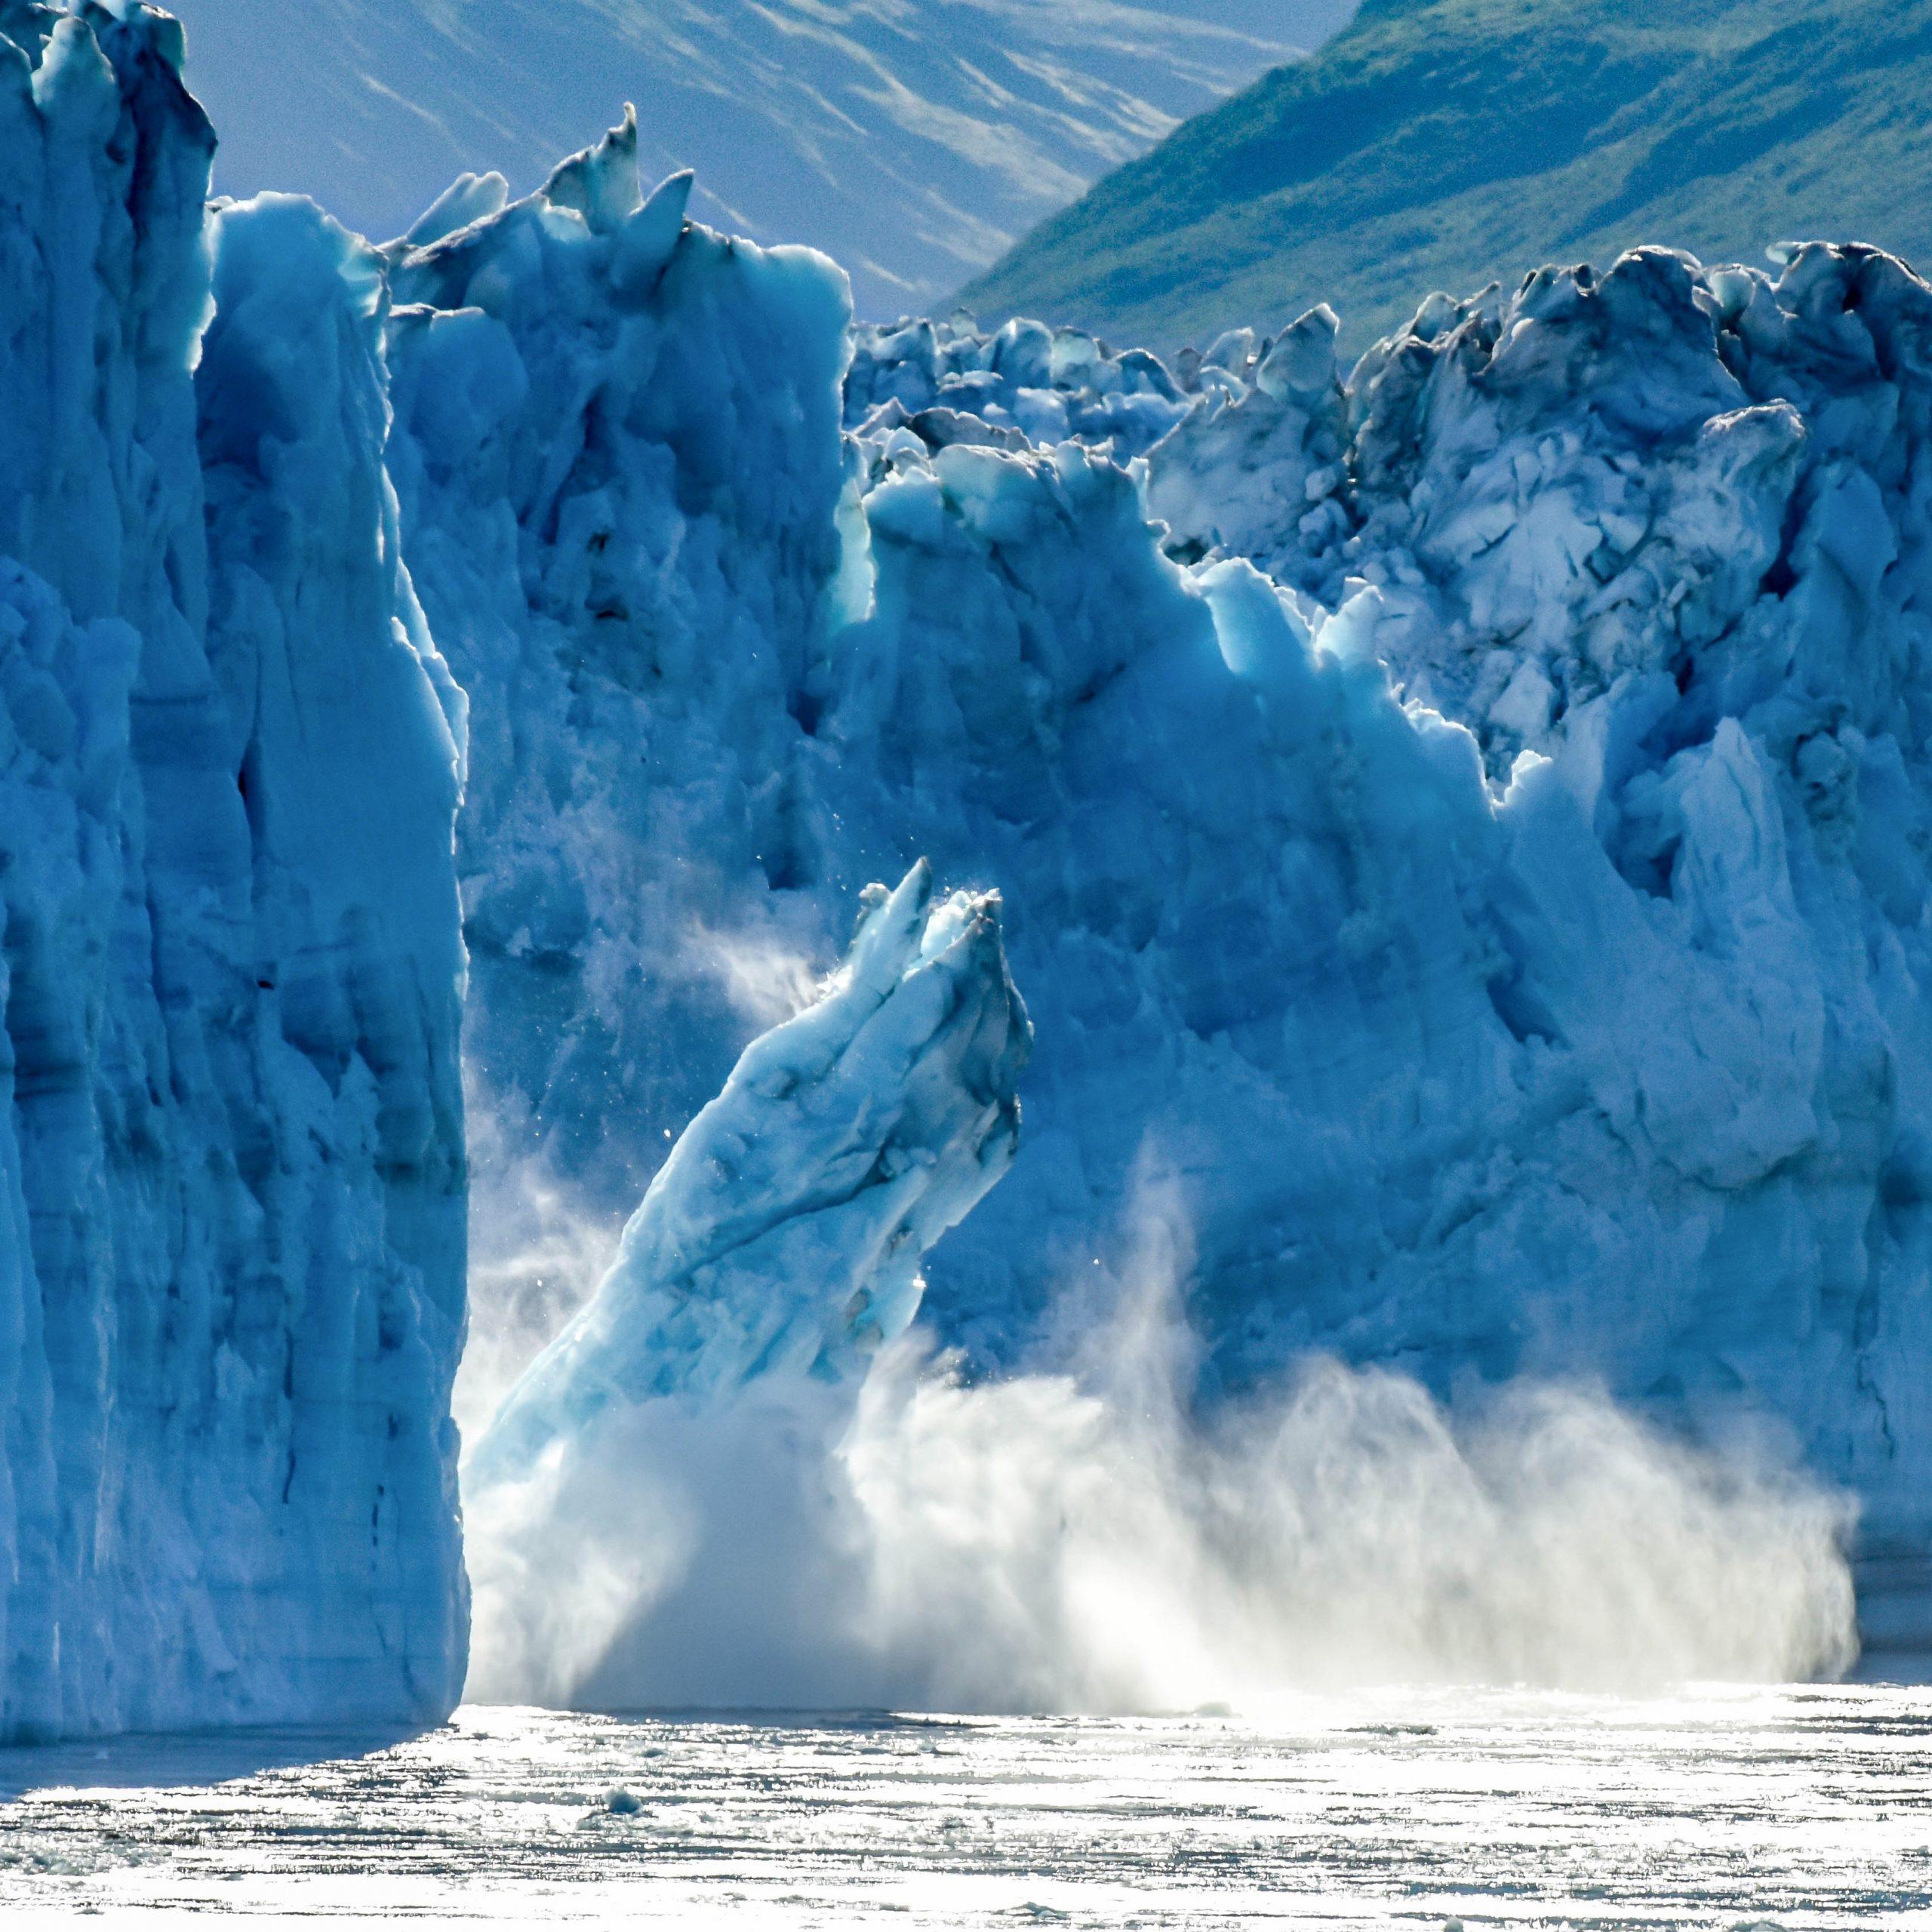 iceberg breaking